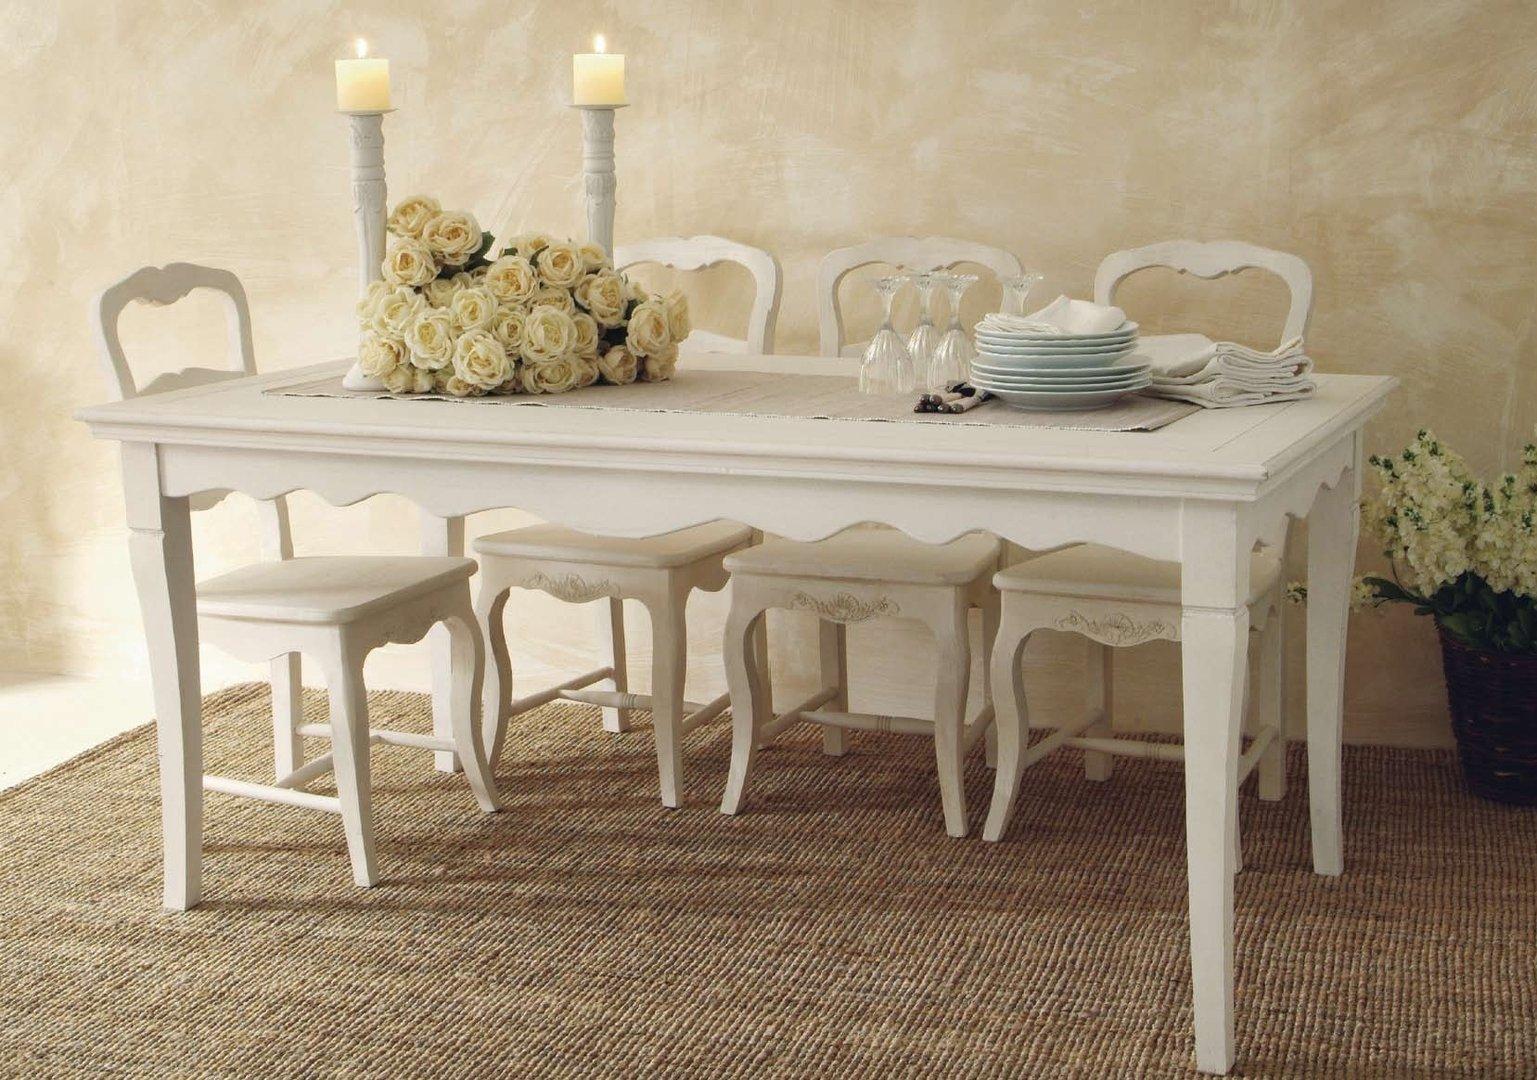 Tavolo provenzale fisso tavolo shabby chic - Tavolo bianco shabby chic ...